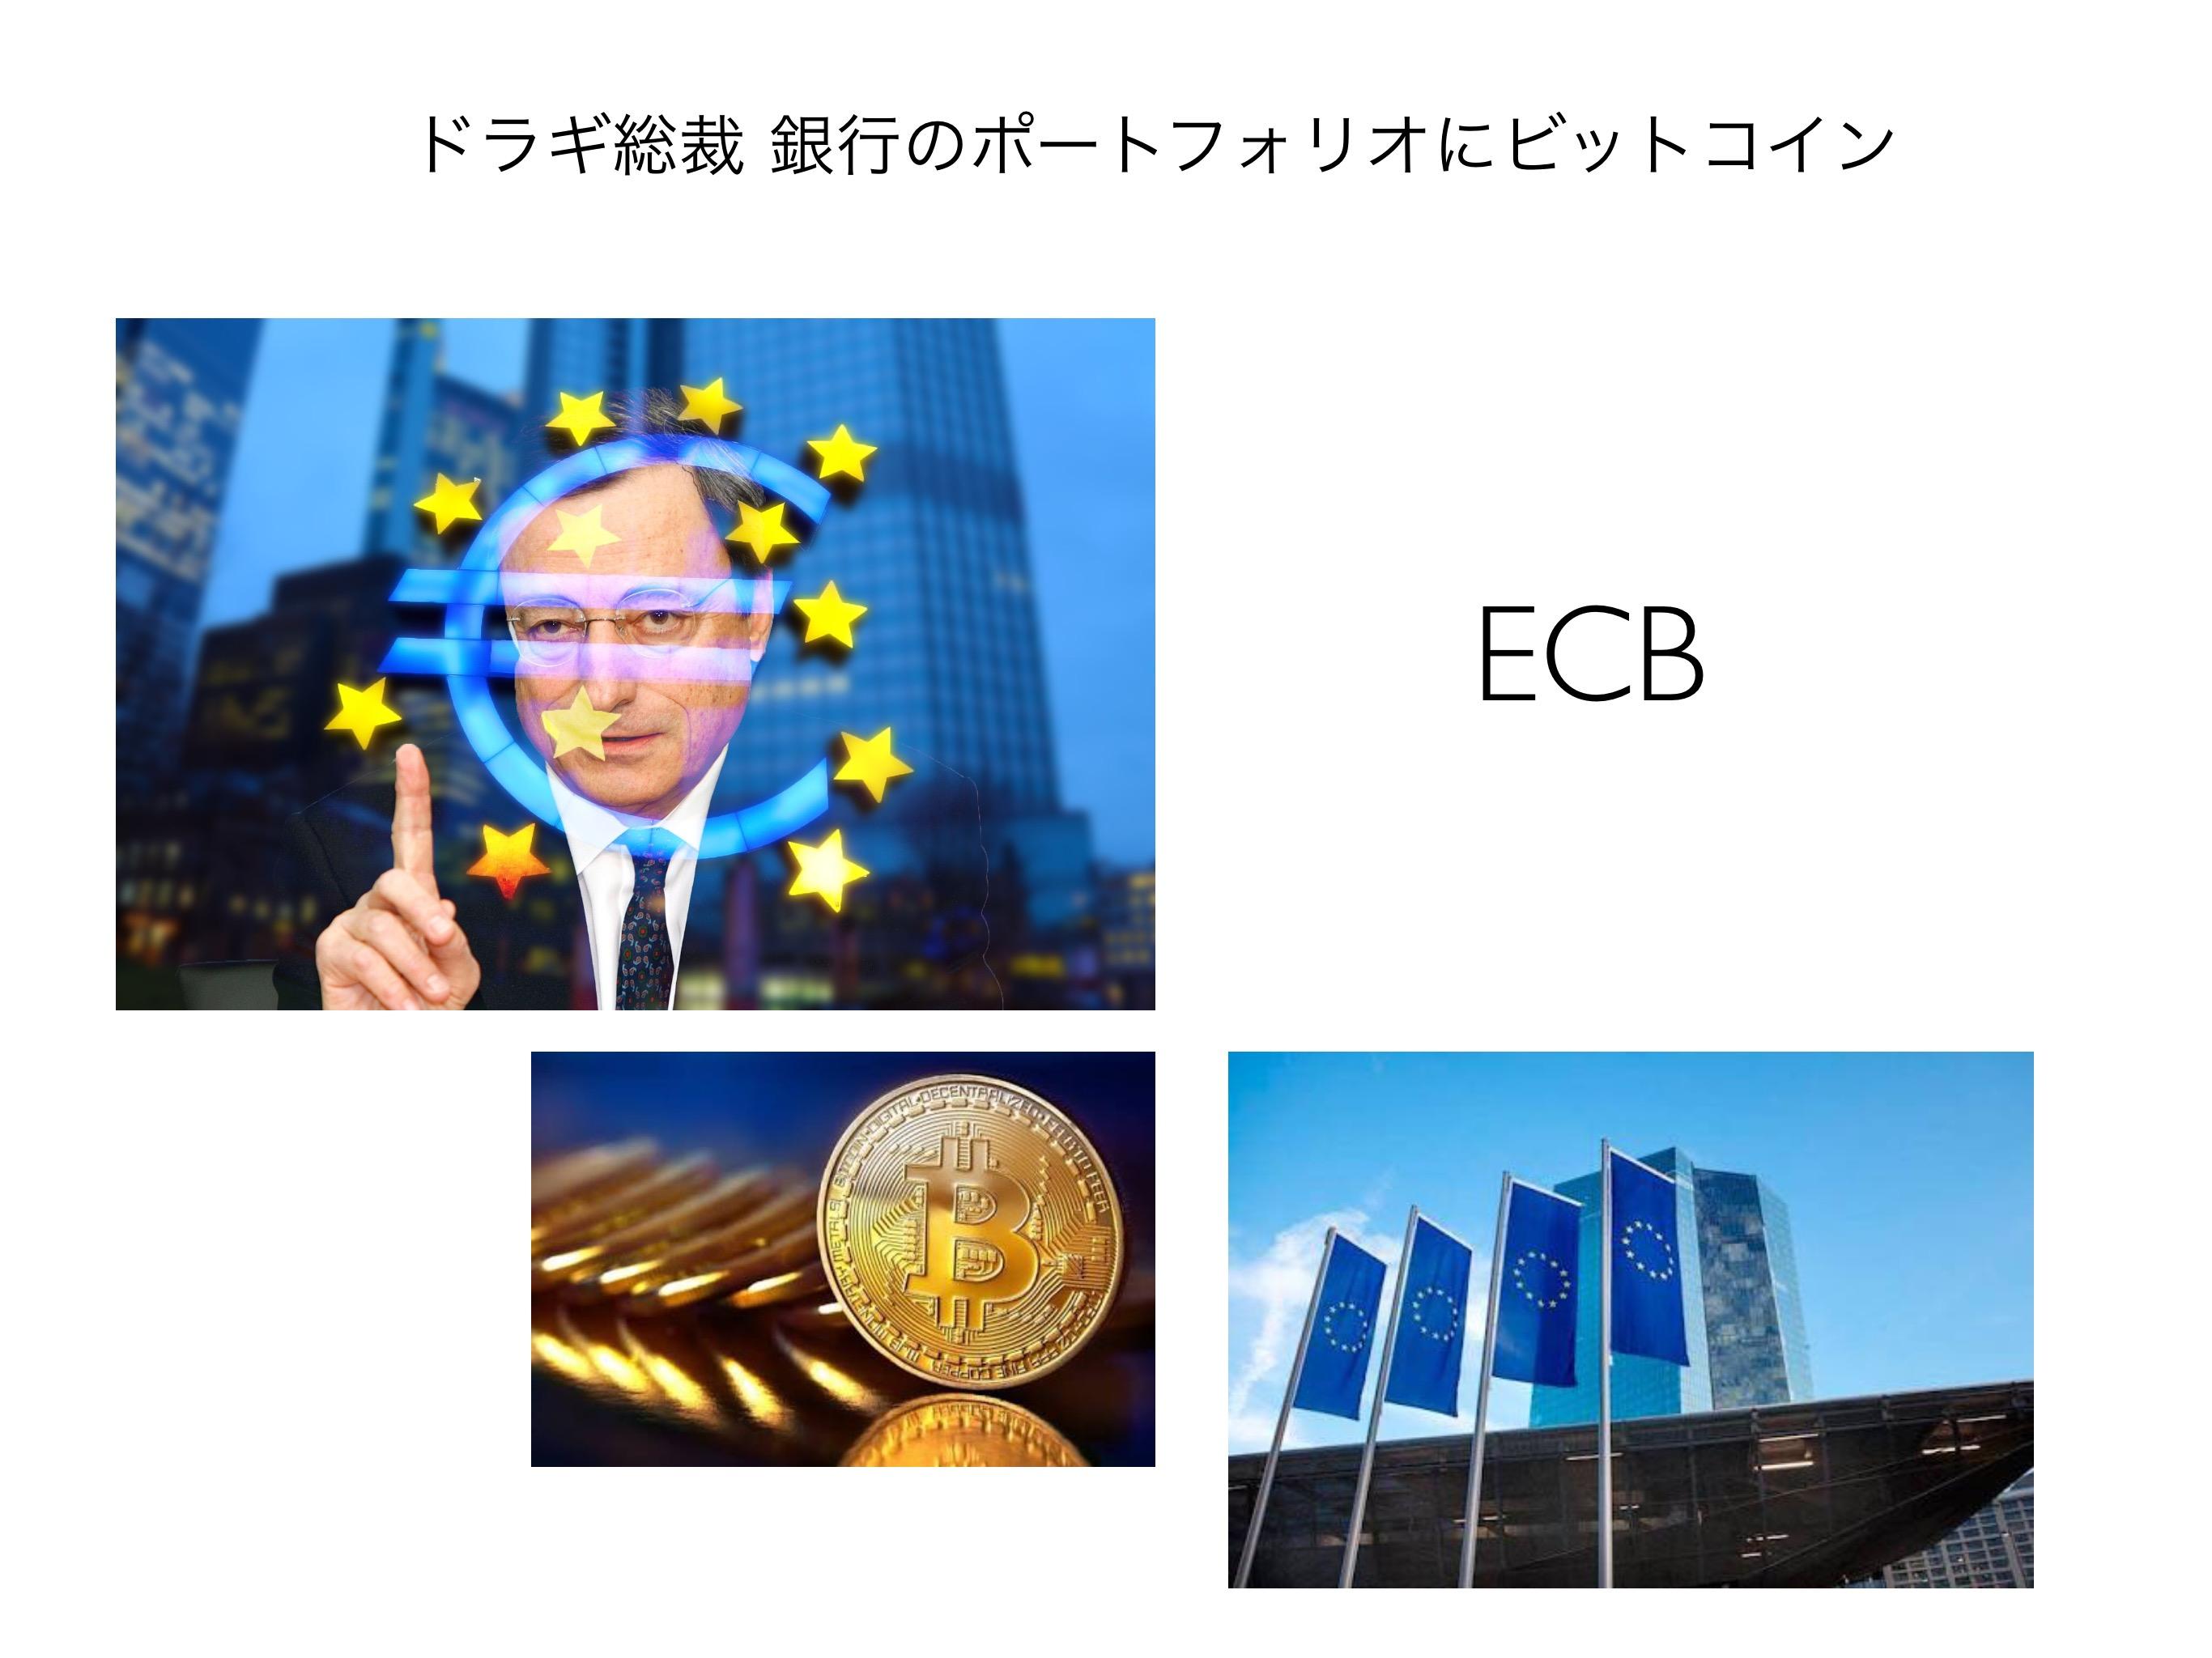 ドラギ総裁ビットコイン